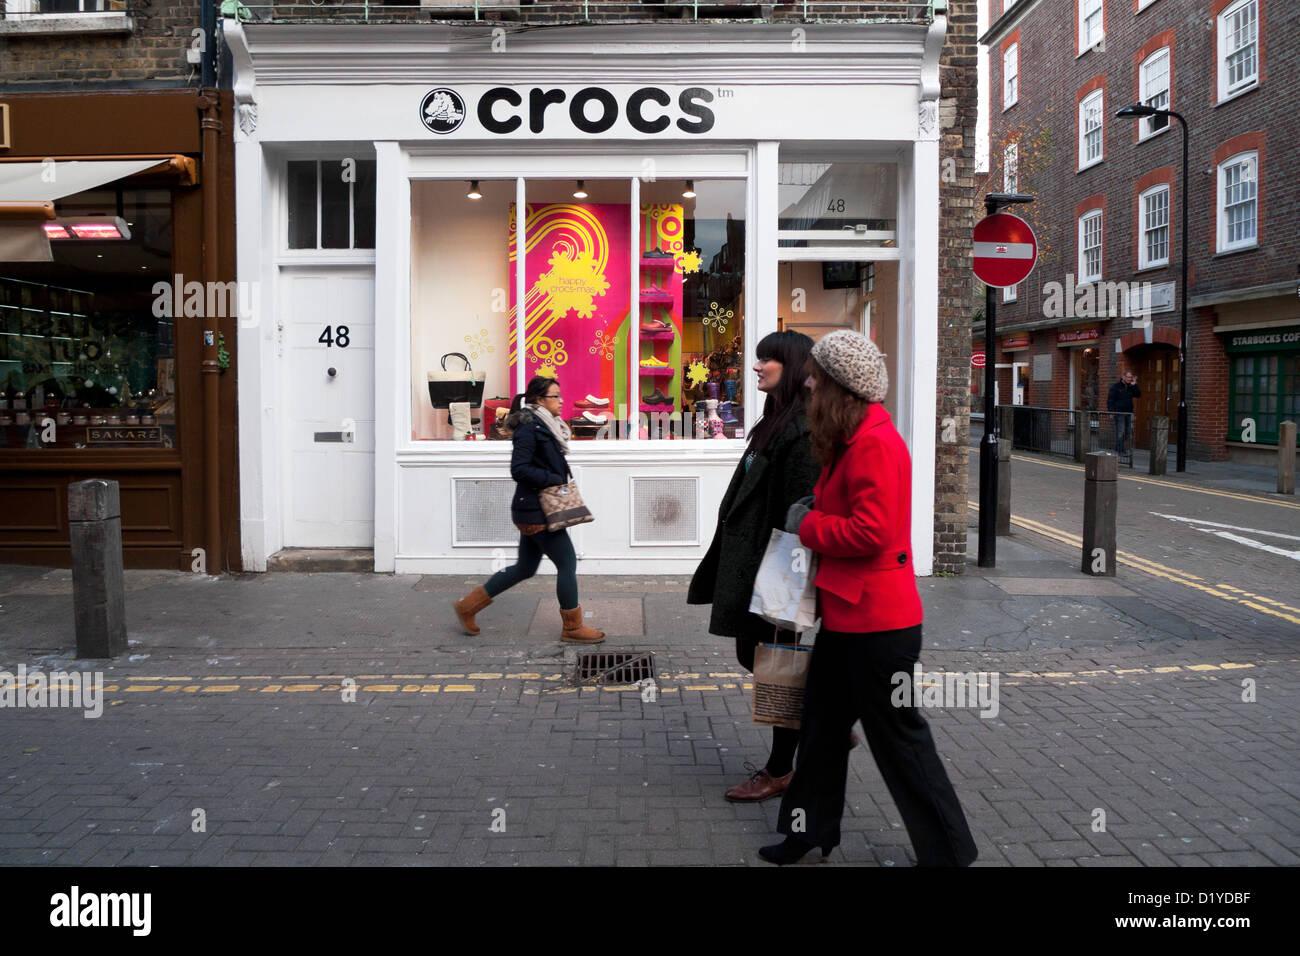 1e036d350 Women walking past the Crocs shoe shop in Neal Street